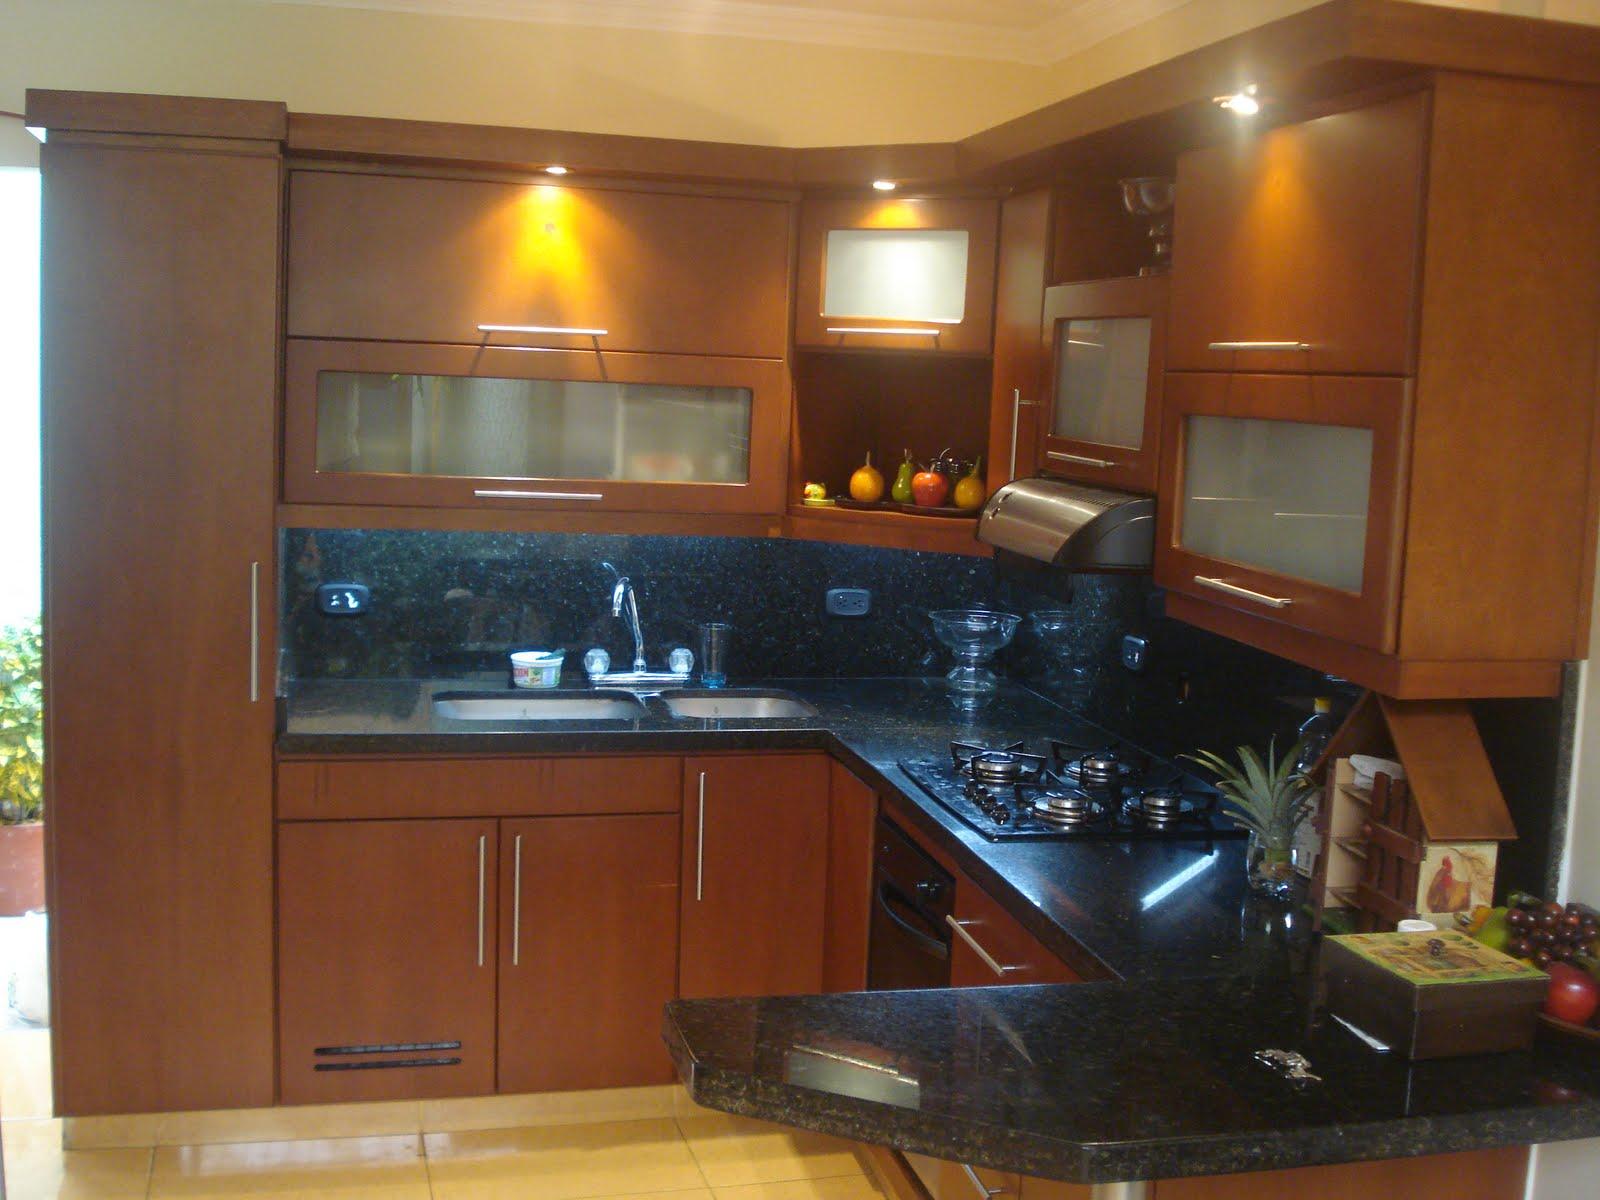 Casa Ardeco: Cocina Moderna Tipo Lisa 014